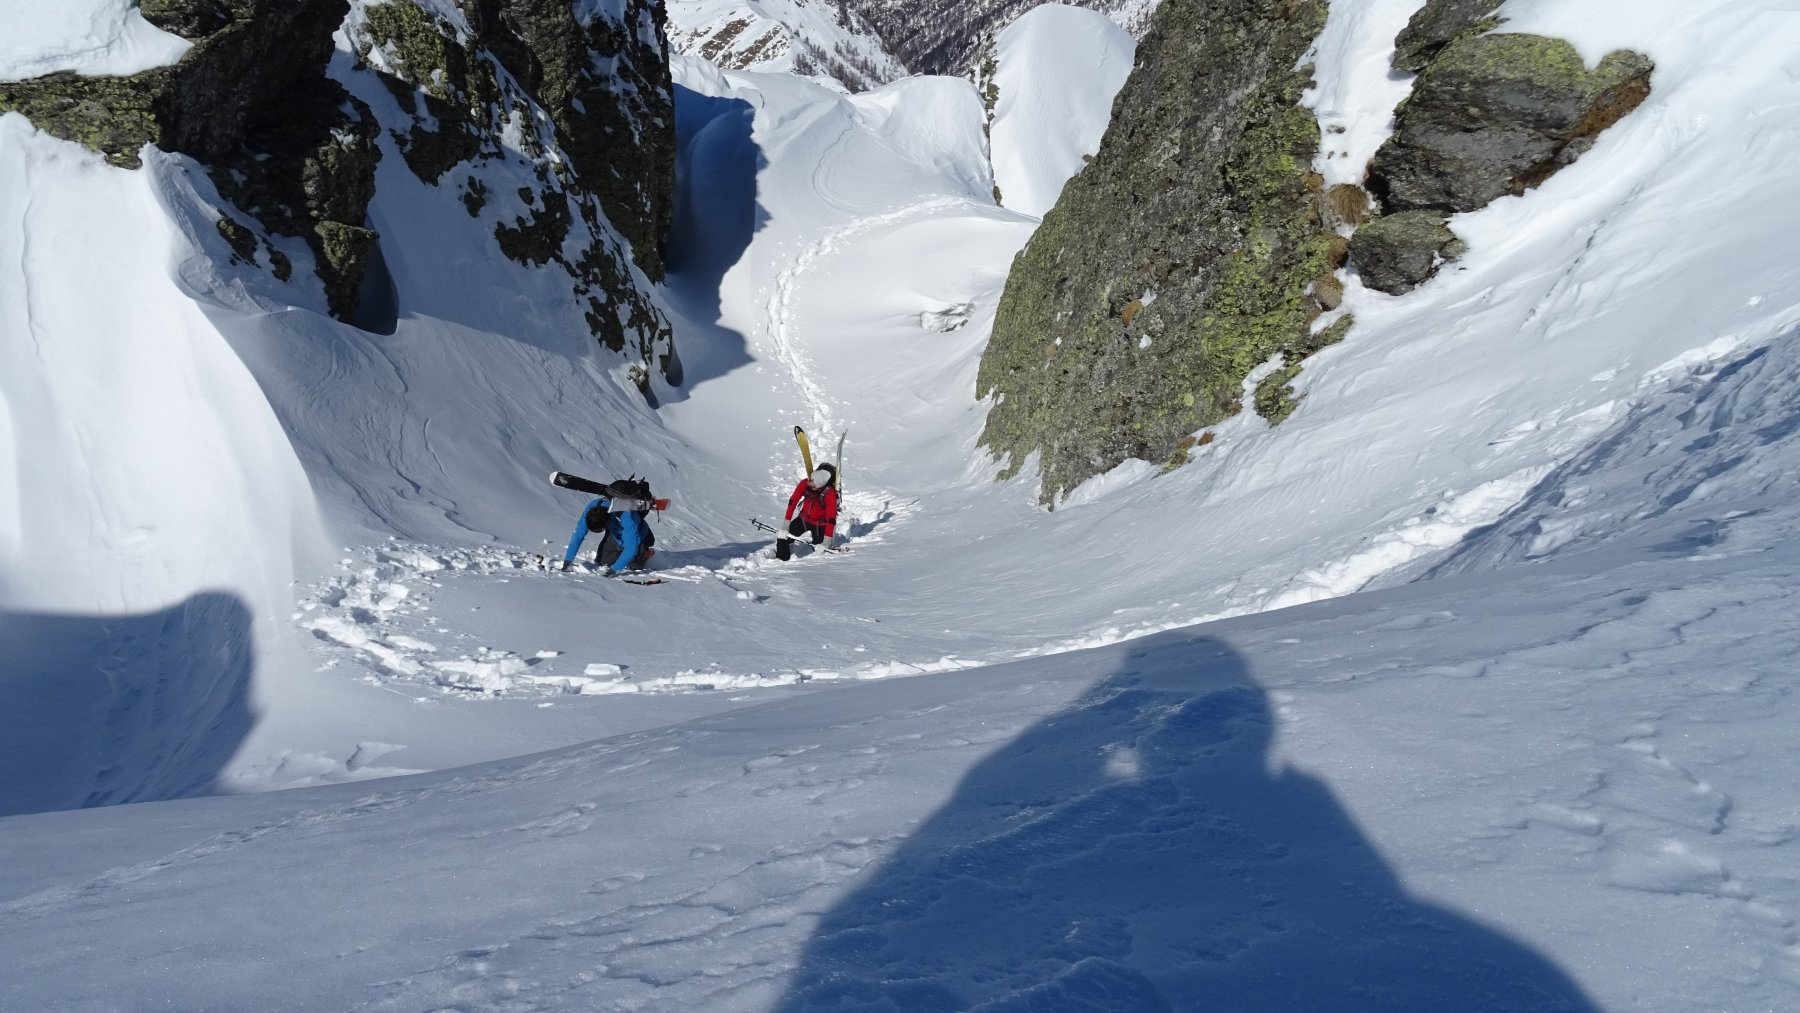 Dopo 10 min. arrivano anche i due giovani ski alp incontrati sulla salita.